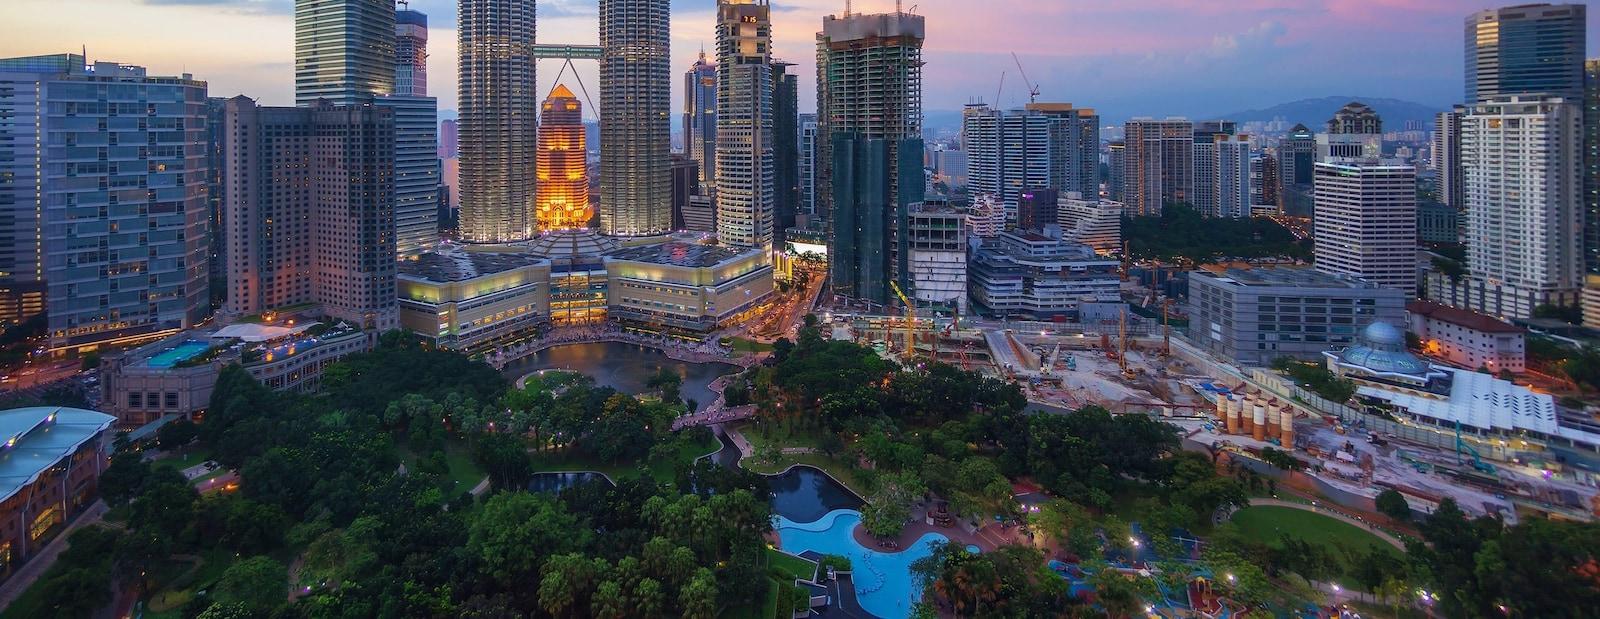 吉隆坡的度假屋